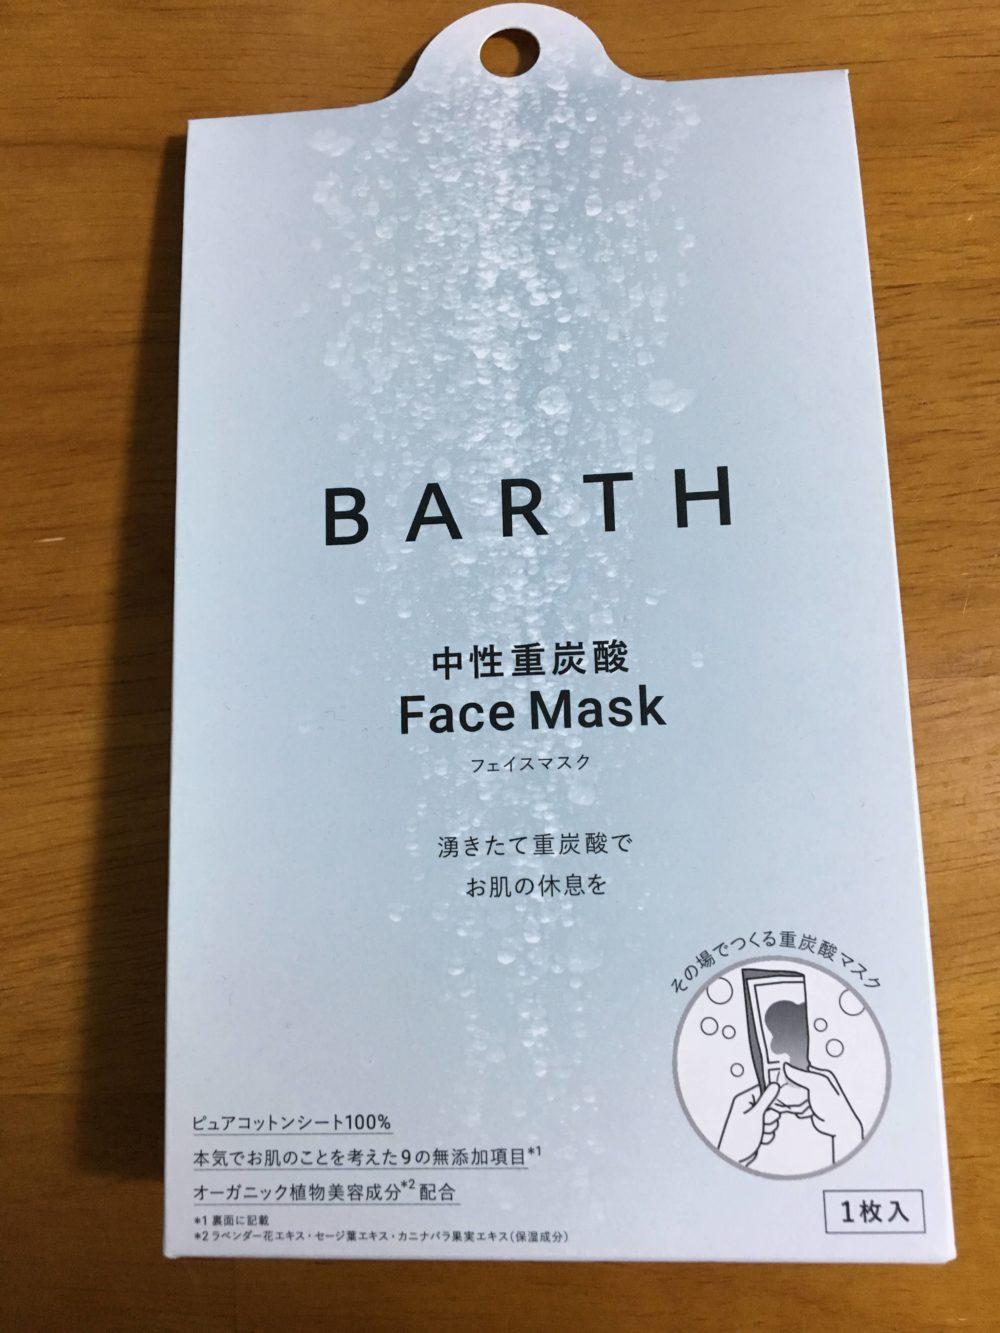 BARTH中性重炭酸フェイスマスク